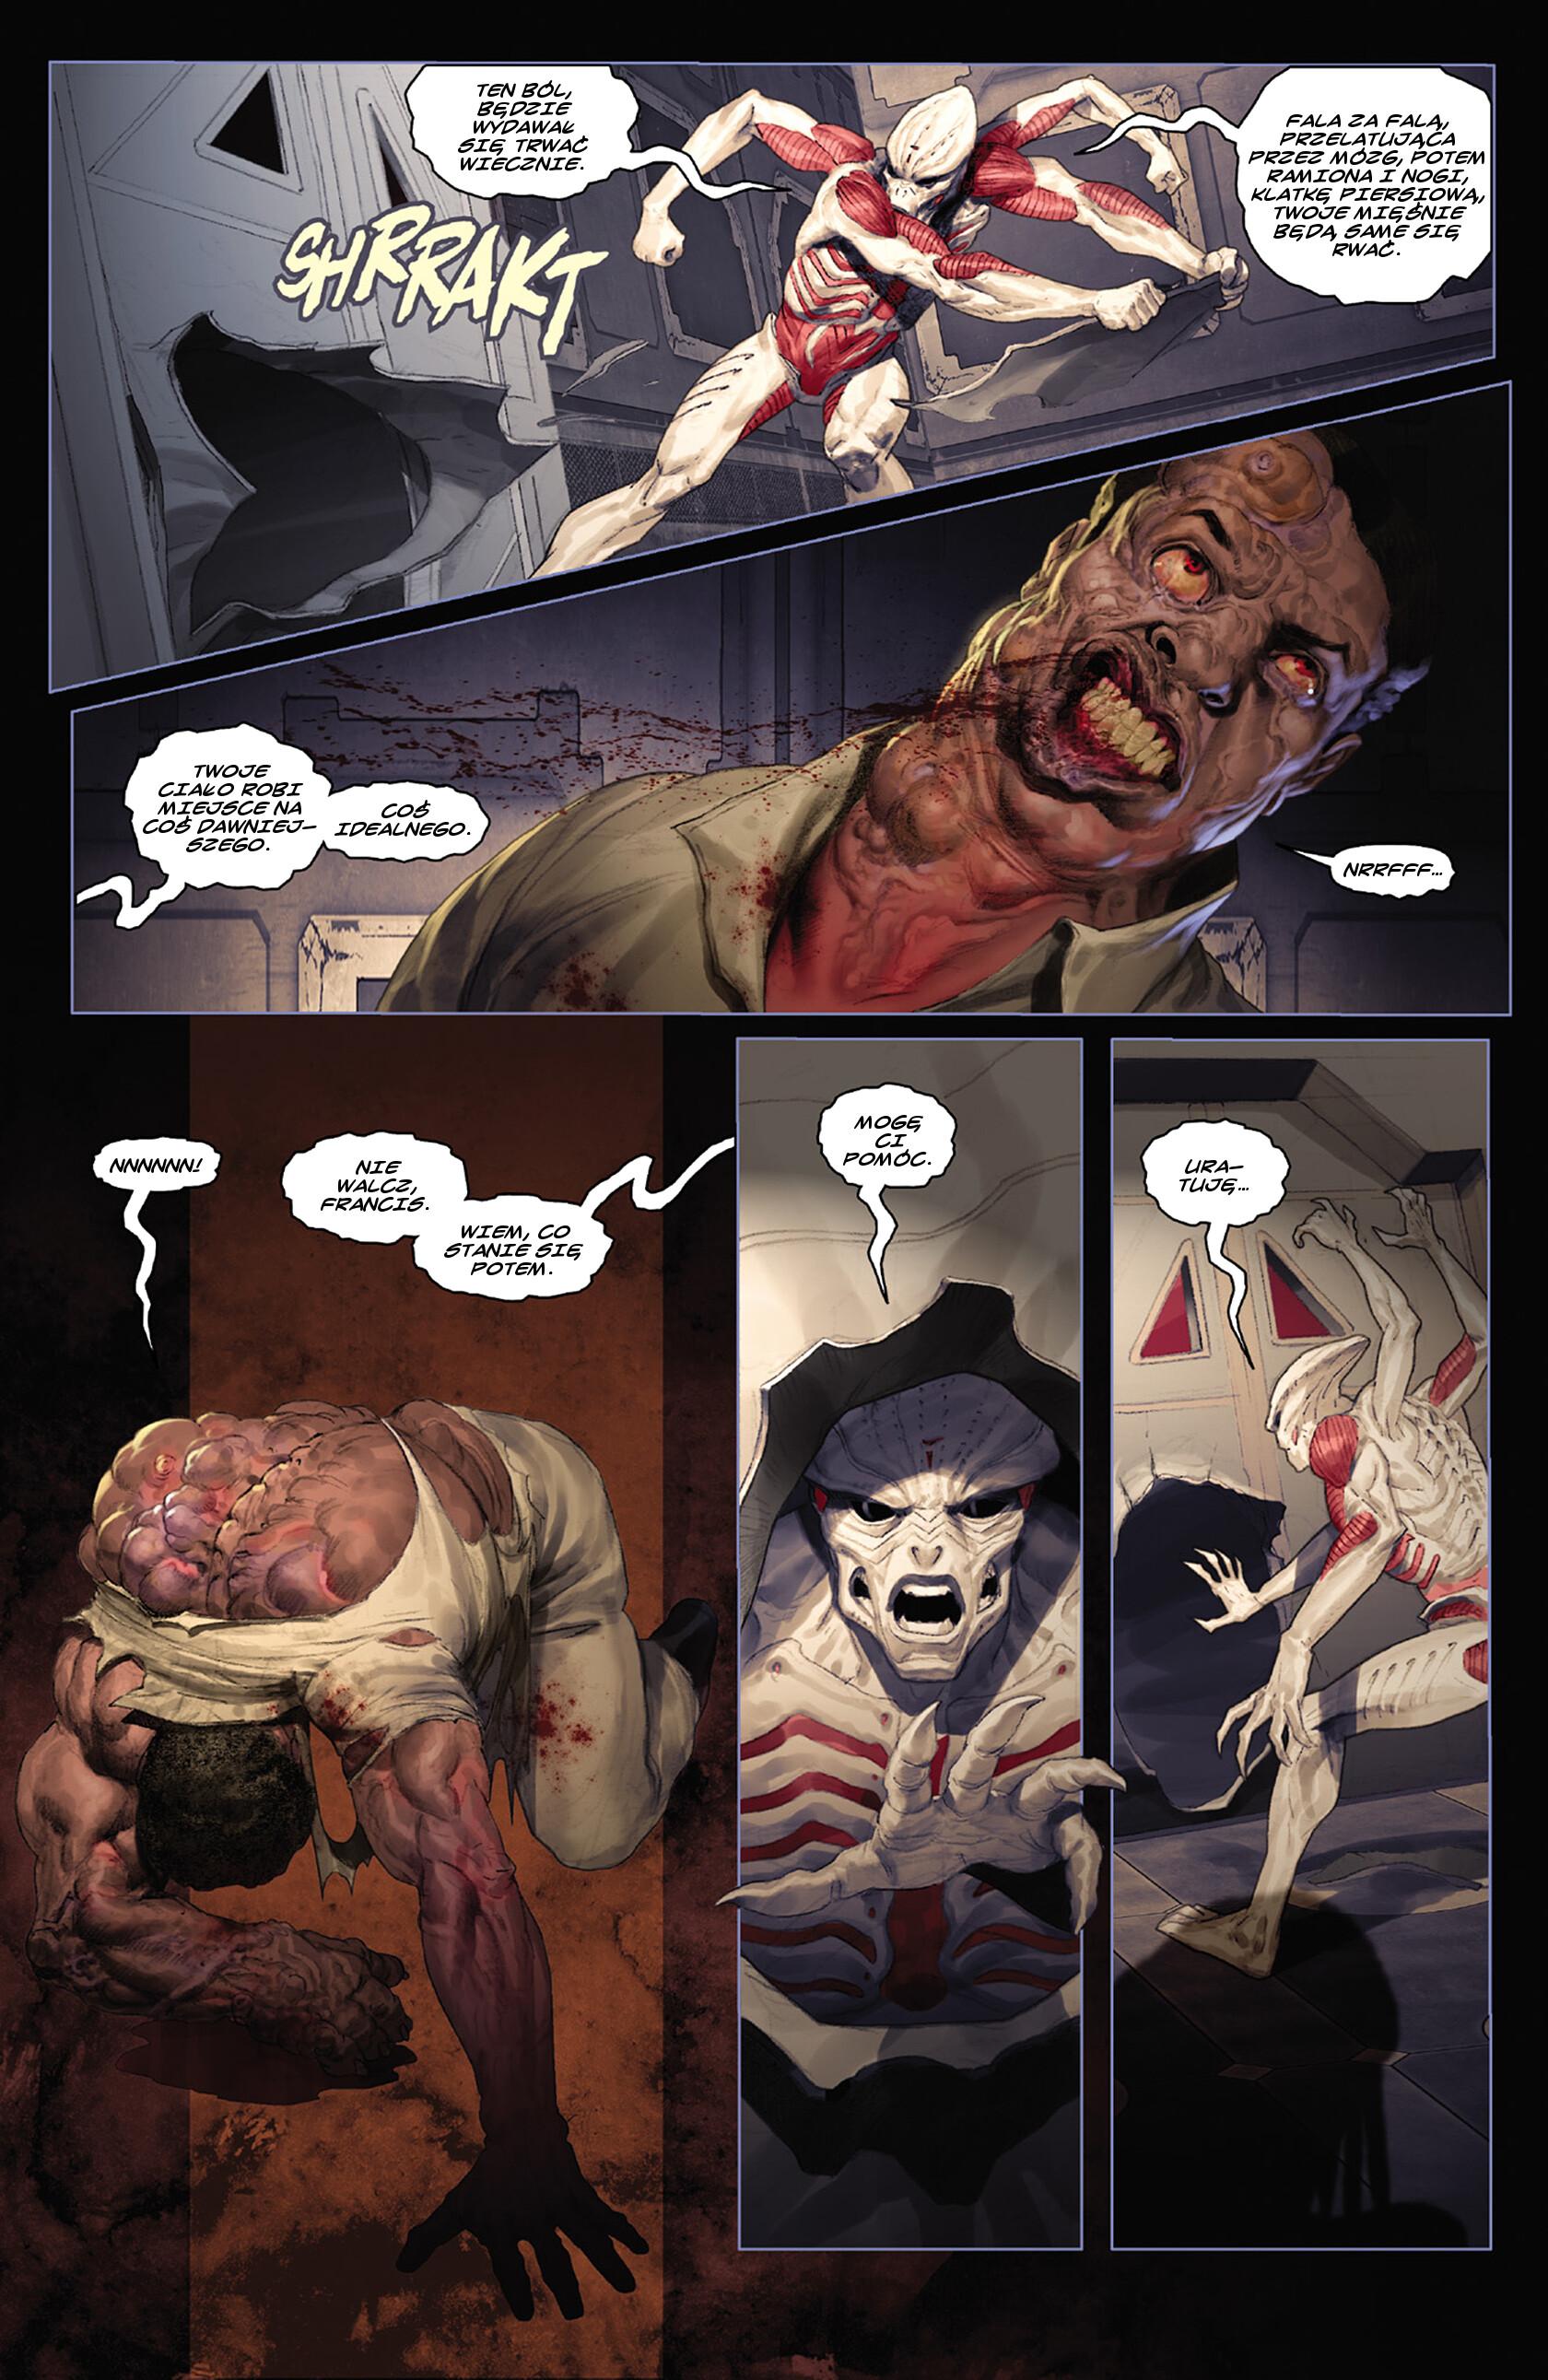 Read online Alien vs. Predator: Fire and Stone comic -  Issue #3 - 20